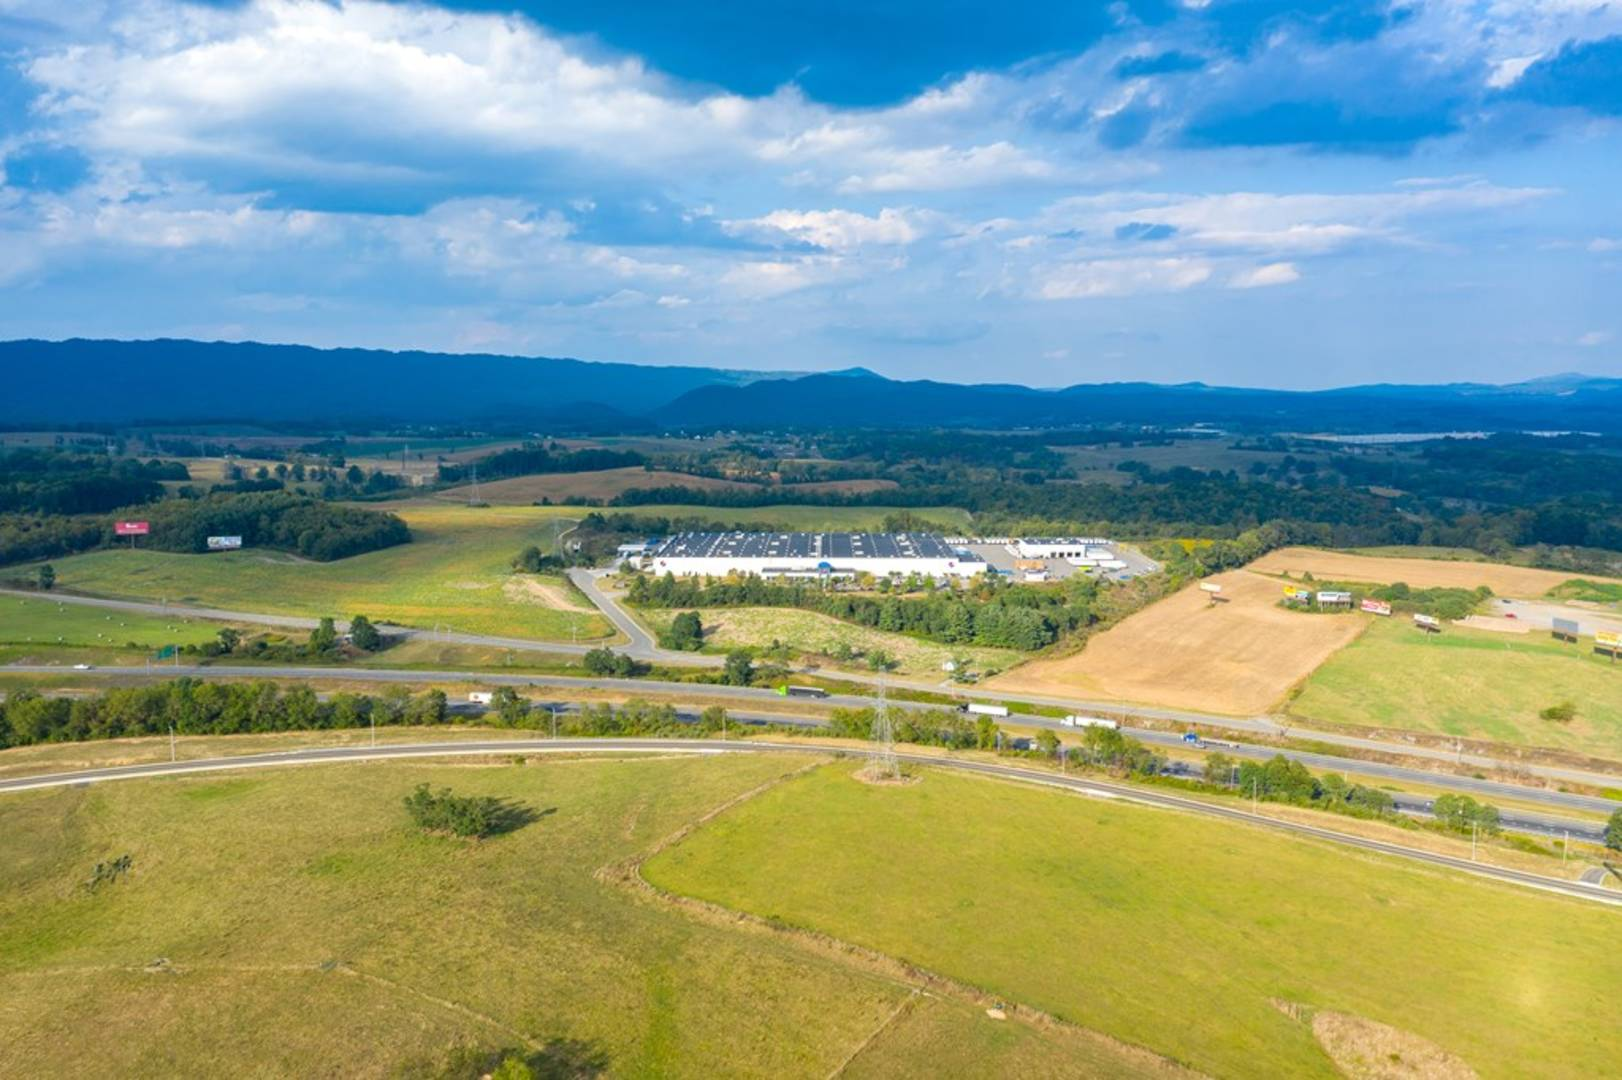 Lot 3 Community BLVD  Wytheville, VA 24382